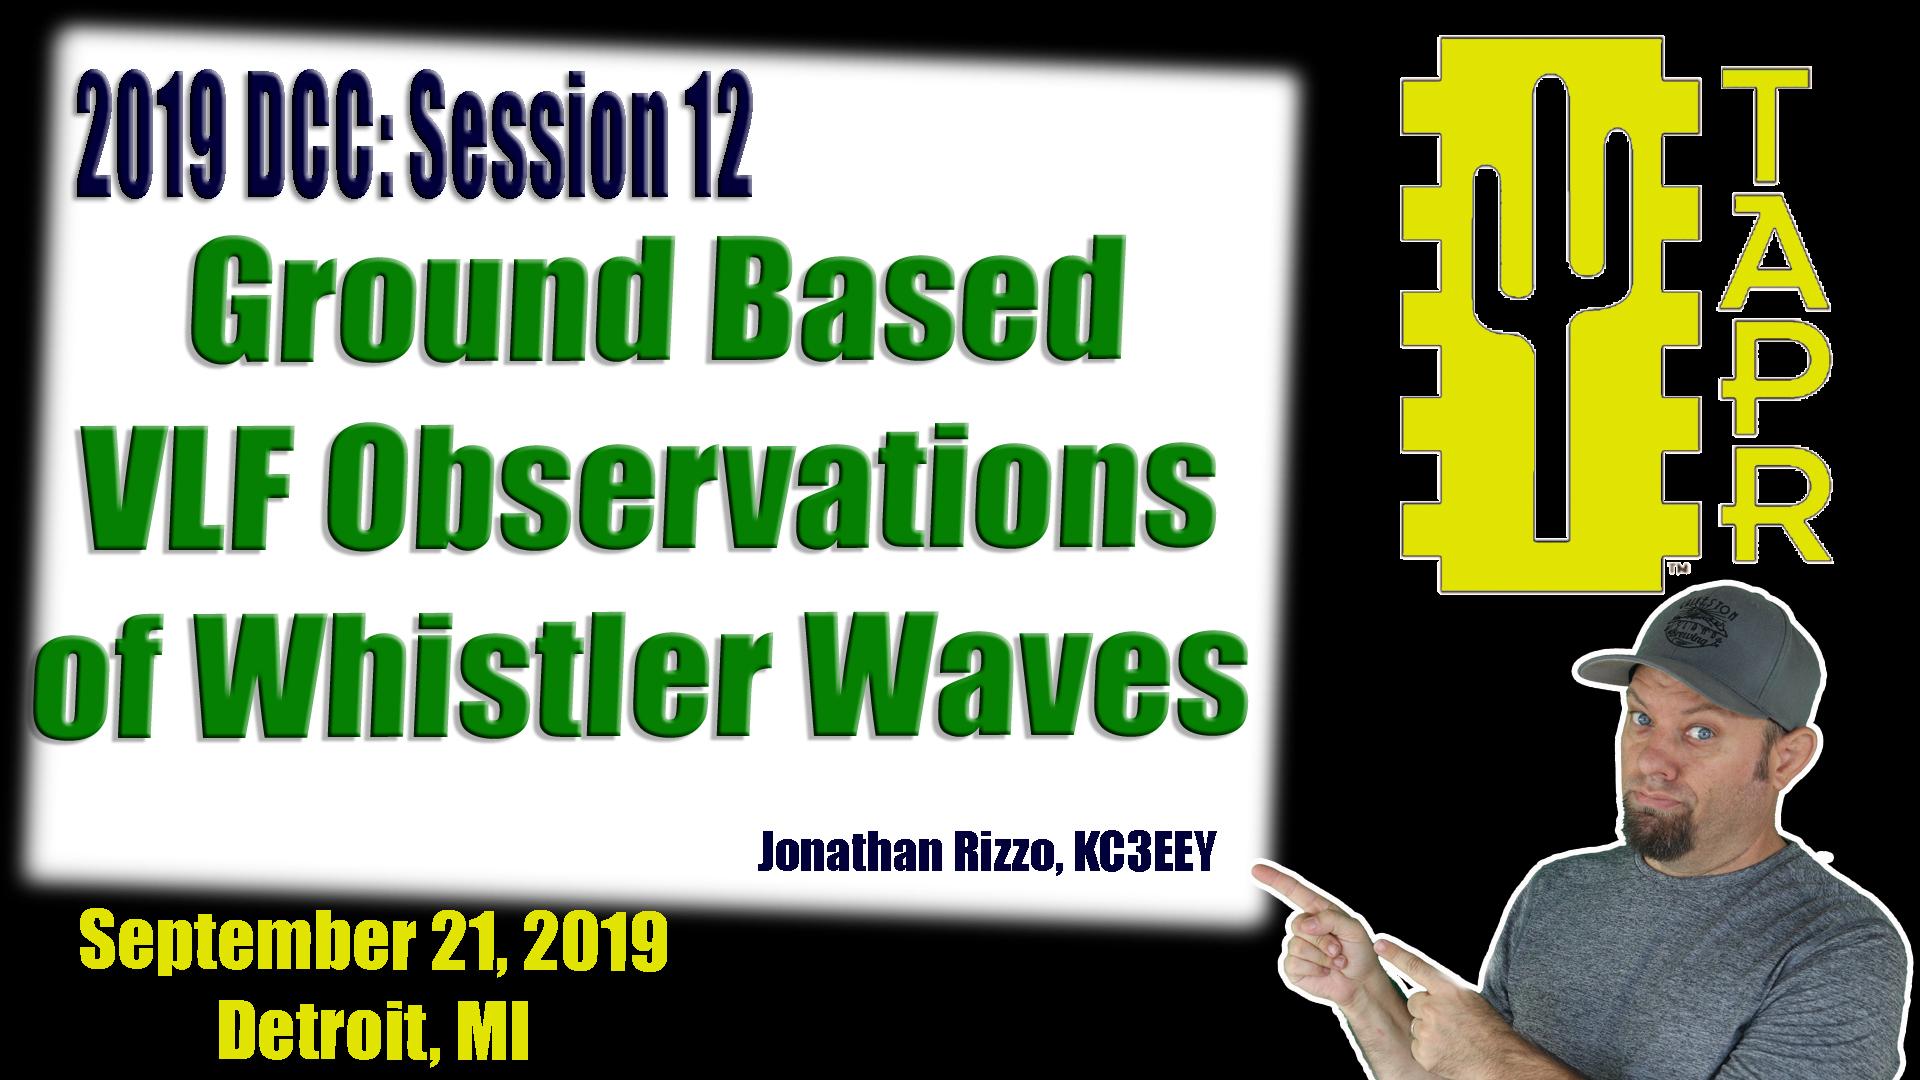 Episode 296: Ground Based VLF Observations of Whistler Waves